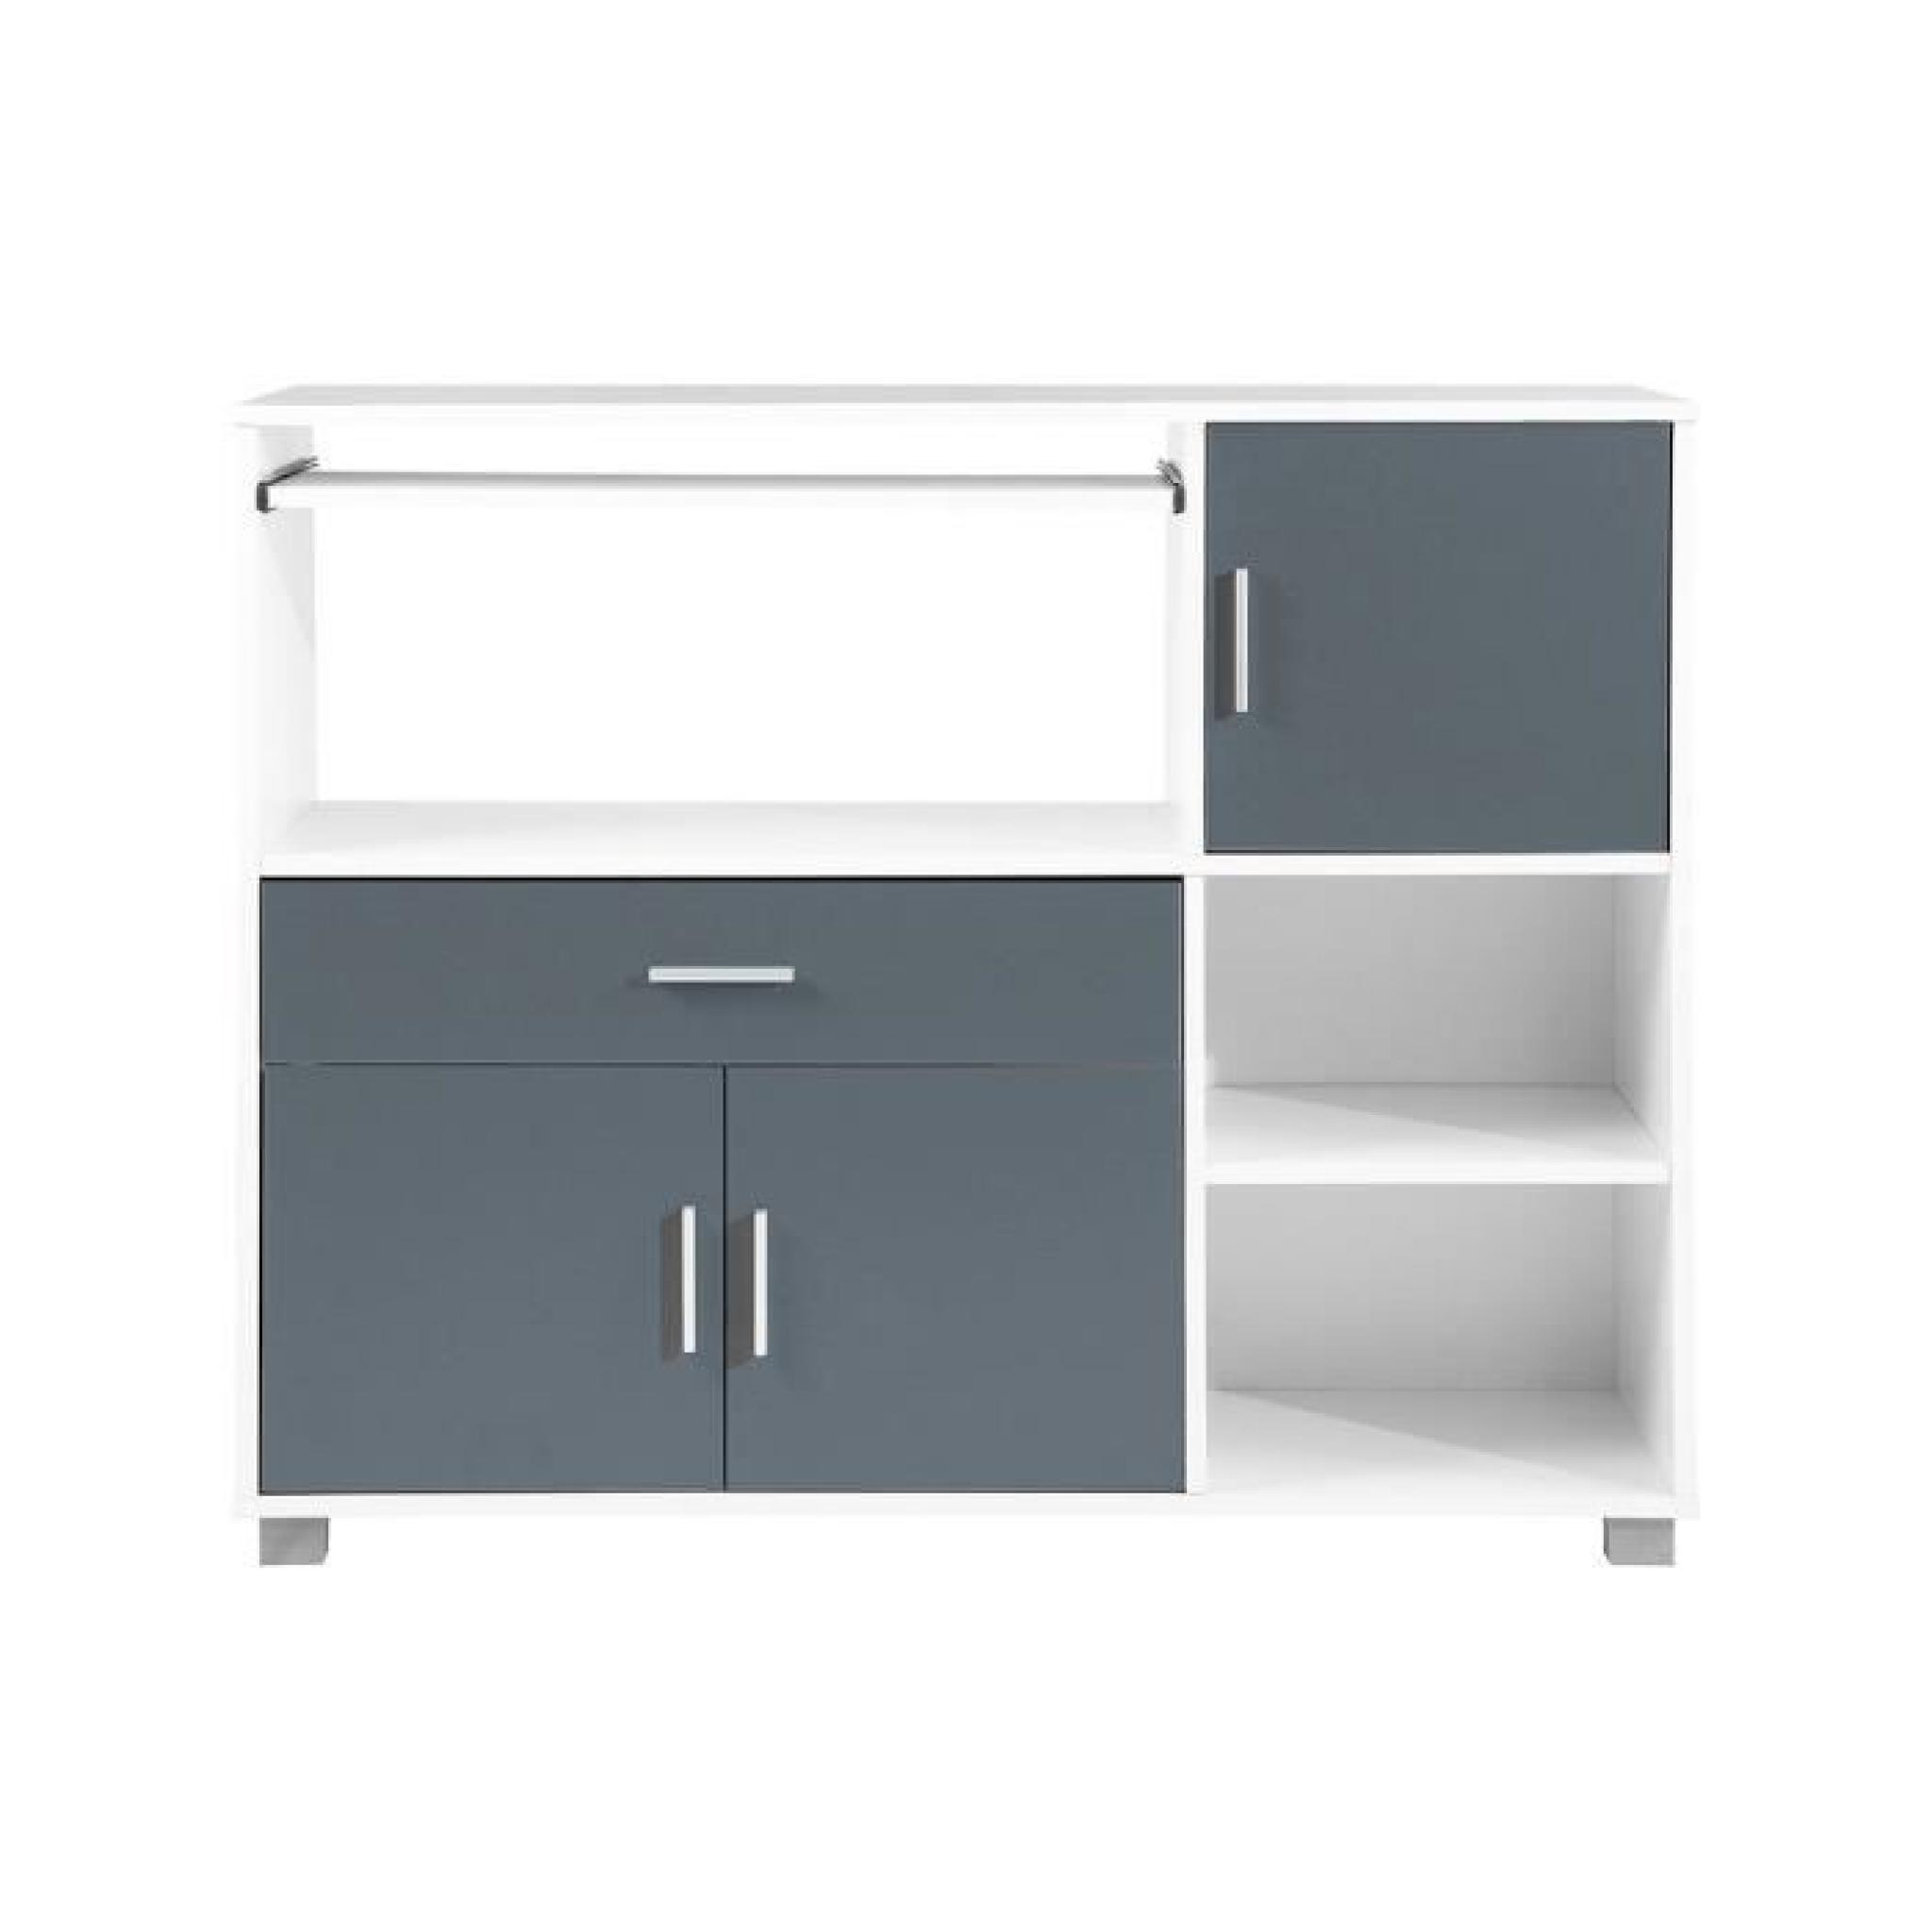 Bari buffet de cuisine 110 cm blanc et gris achat - Buffet de cuisine gris ...